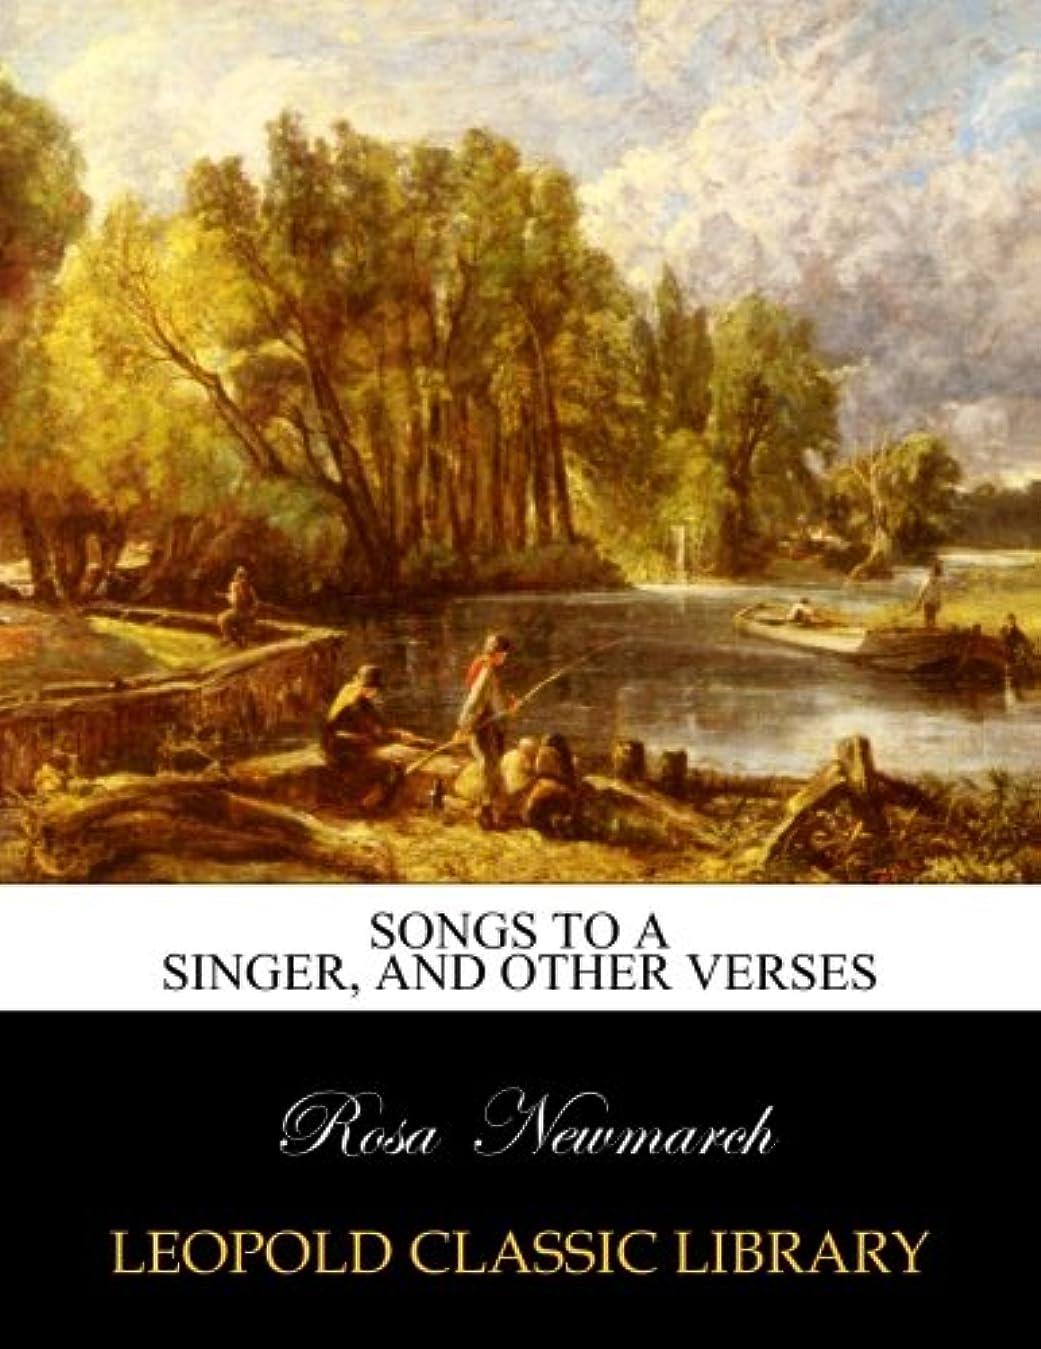 エスカレーターファブリック大いにSongs to a singer, and other verses